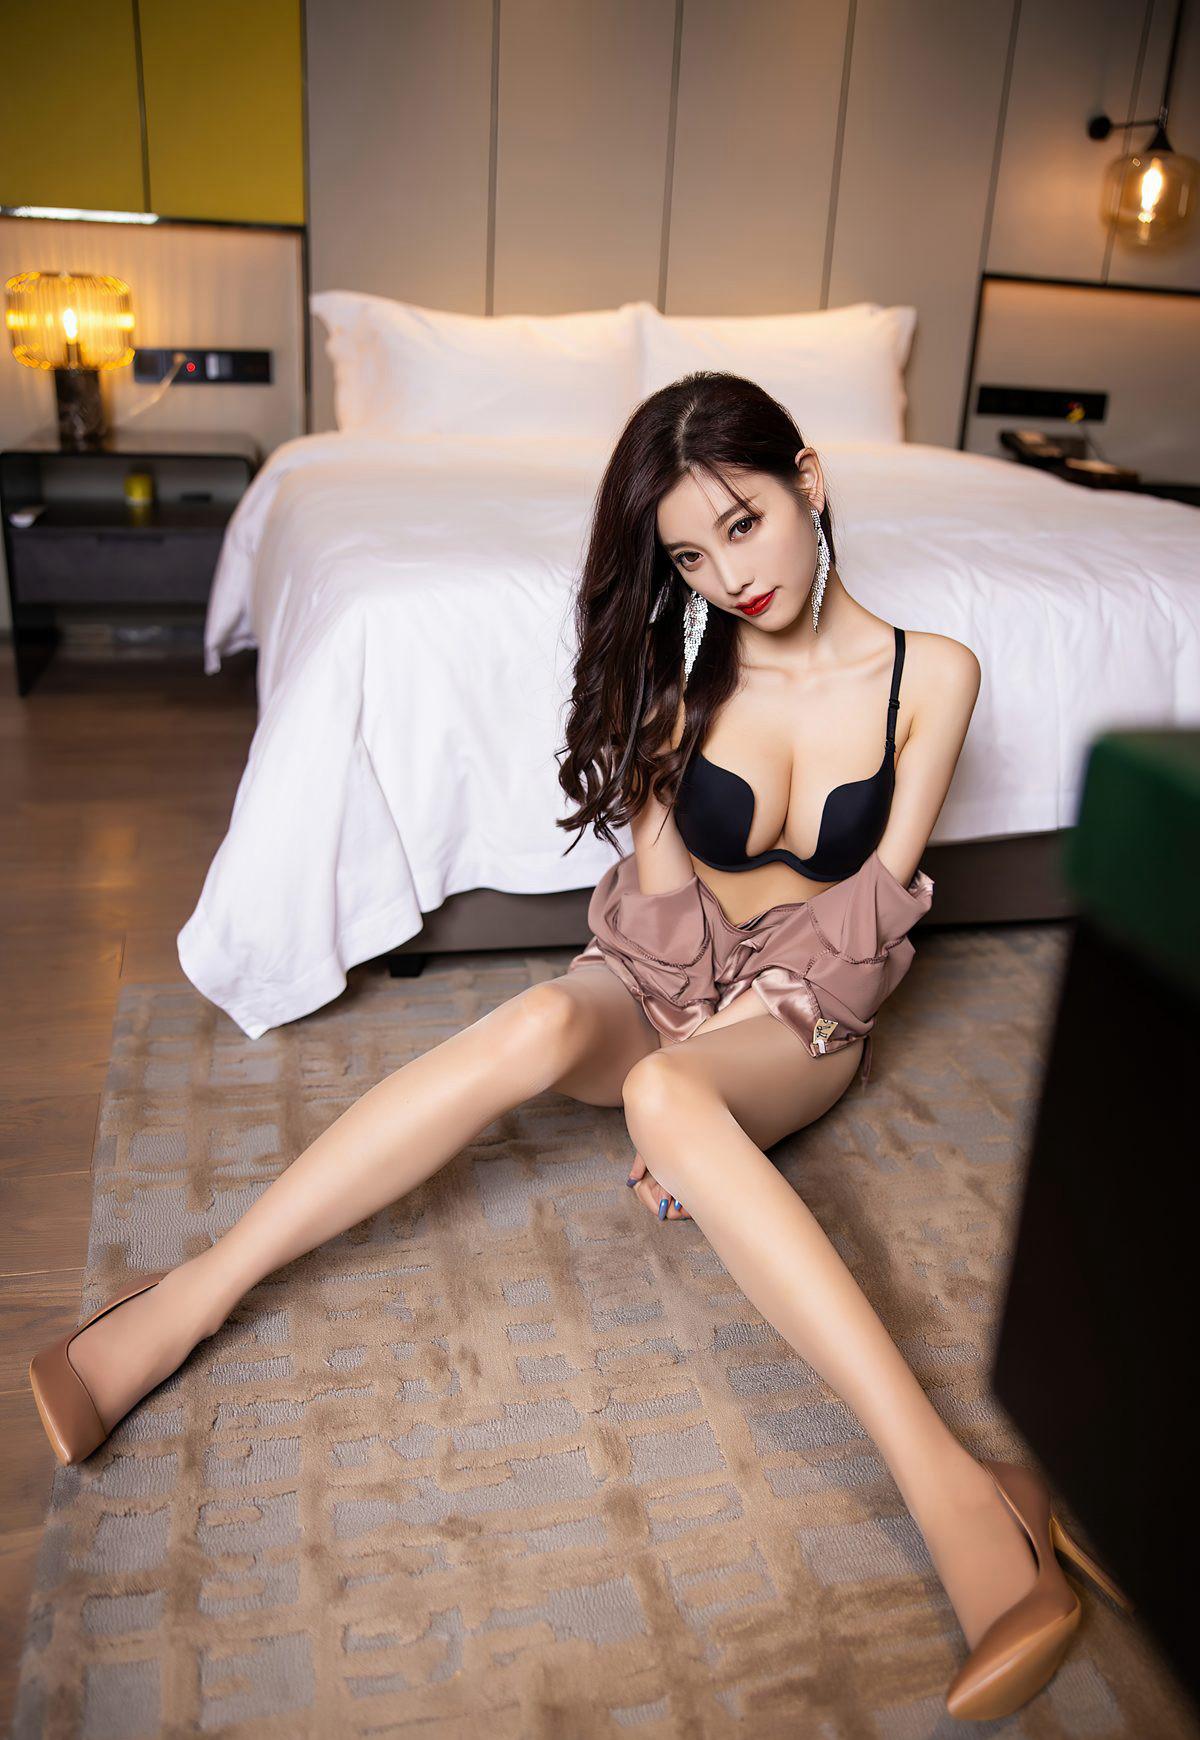 杨晨晨sugar2021性感旗袍诱惑肉丝袜美腿高清玉足高跟-91-『游乐宫』Youlegong.com 第11张